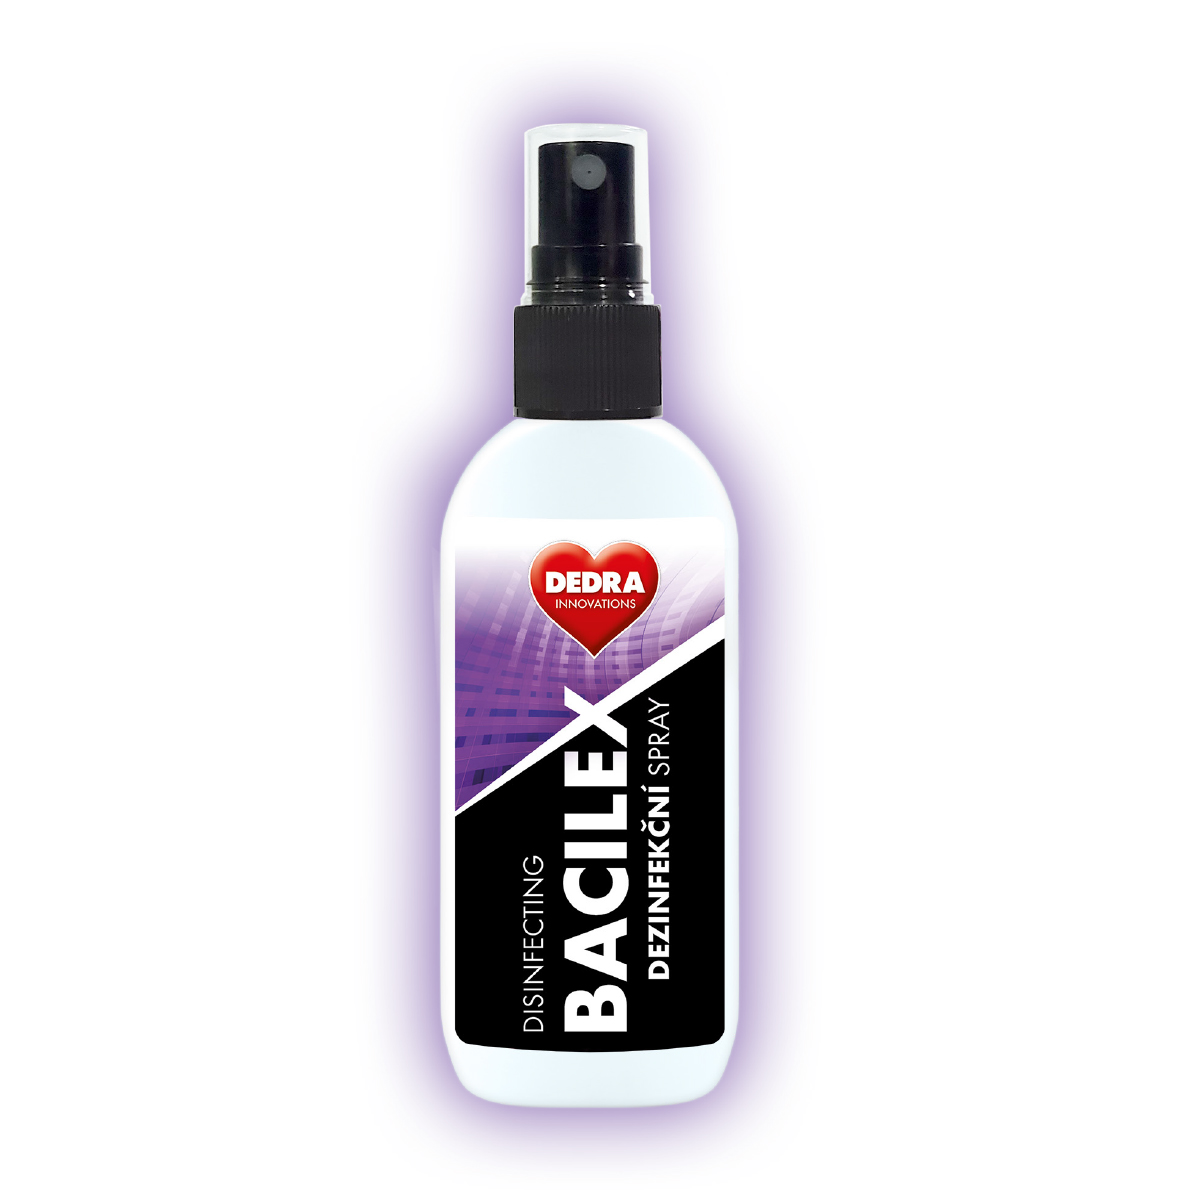 Certifikovaný dezinfekční spray, 71 % alkoholu, na plochy i respirátory, BACILEX® DISINFECTING SPRAY